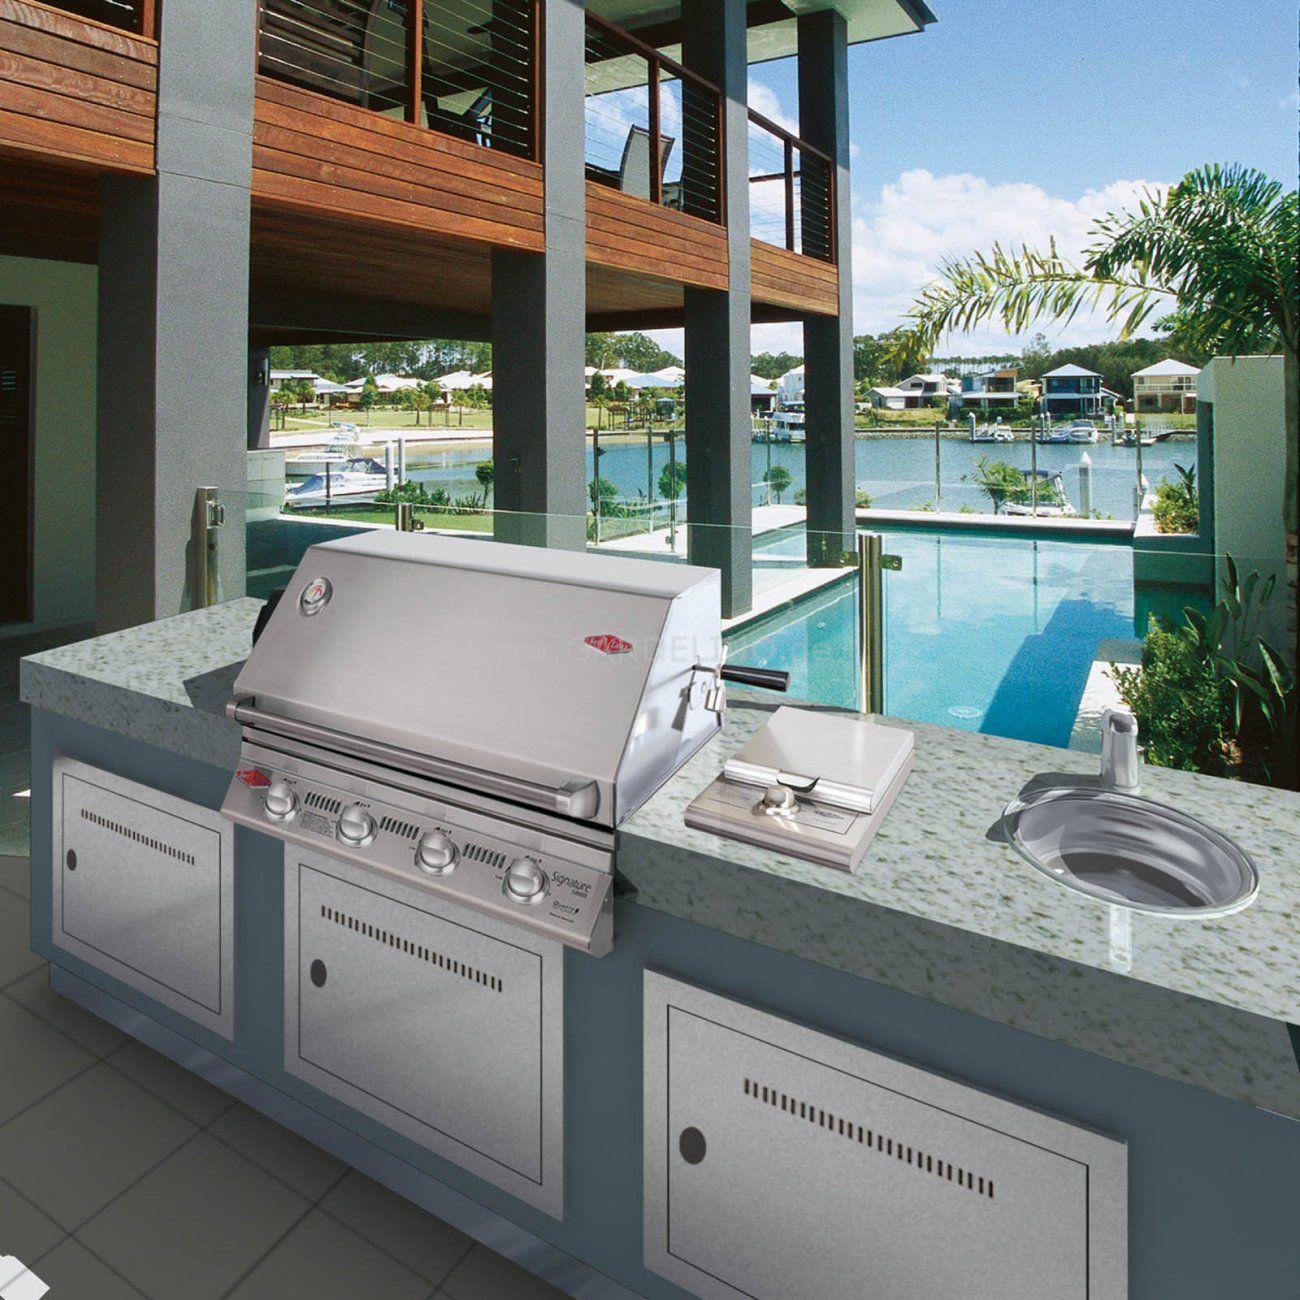 beefeater außenküche auf der veranda | beefeater bbq grill | pinterest